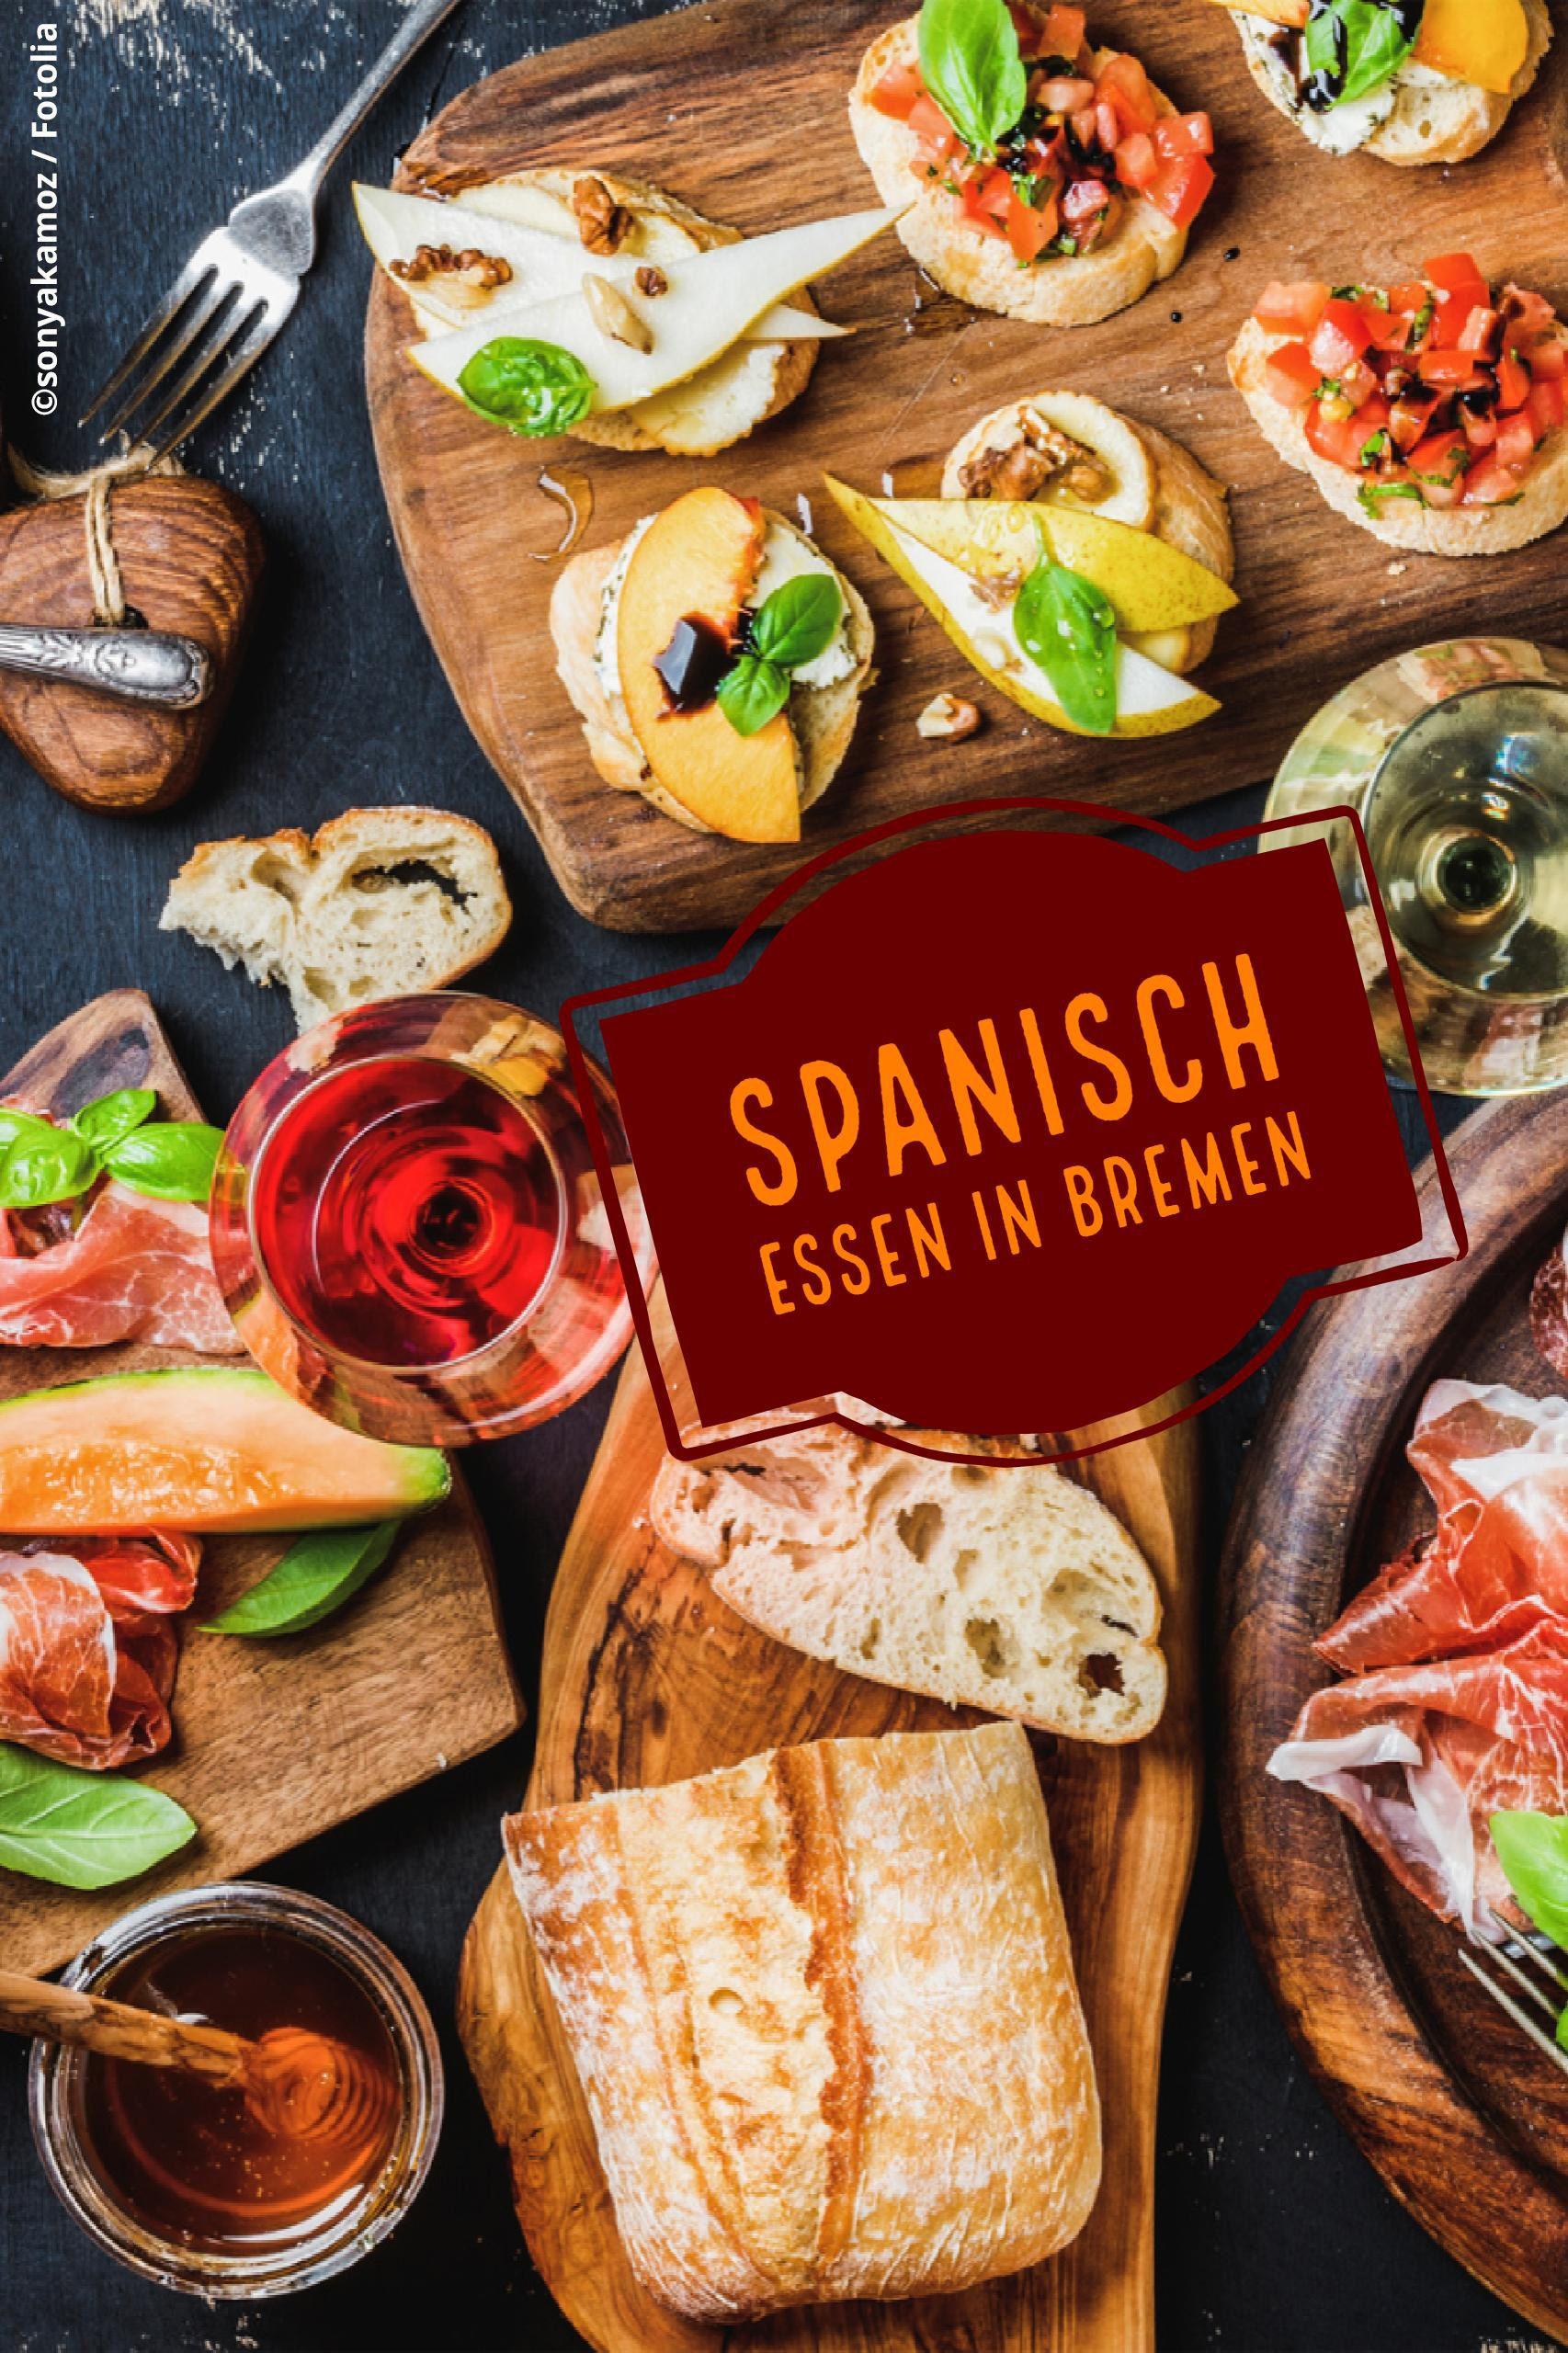 Tapas Paella Und Co Spanisch Essen In Bremen Spanisches Essen Essen Tapas